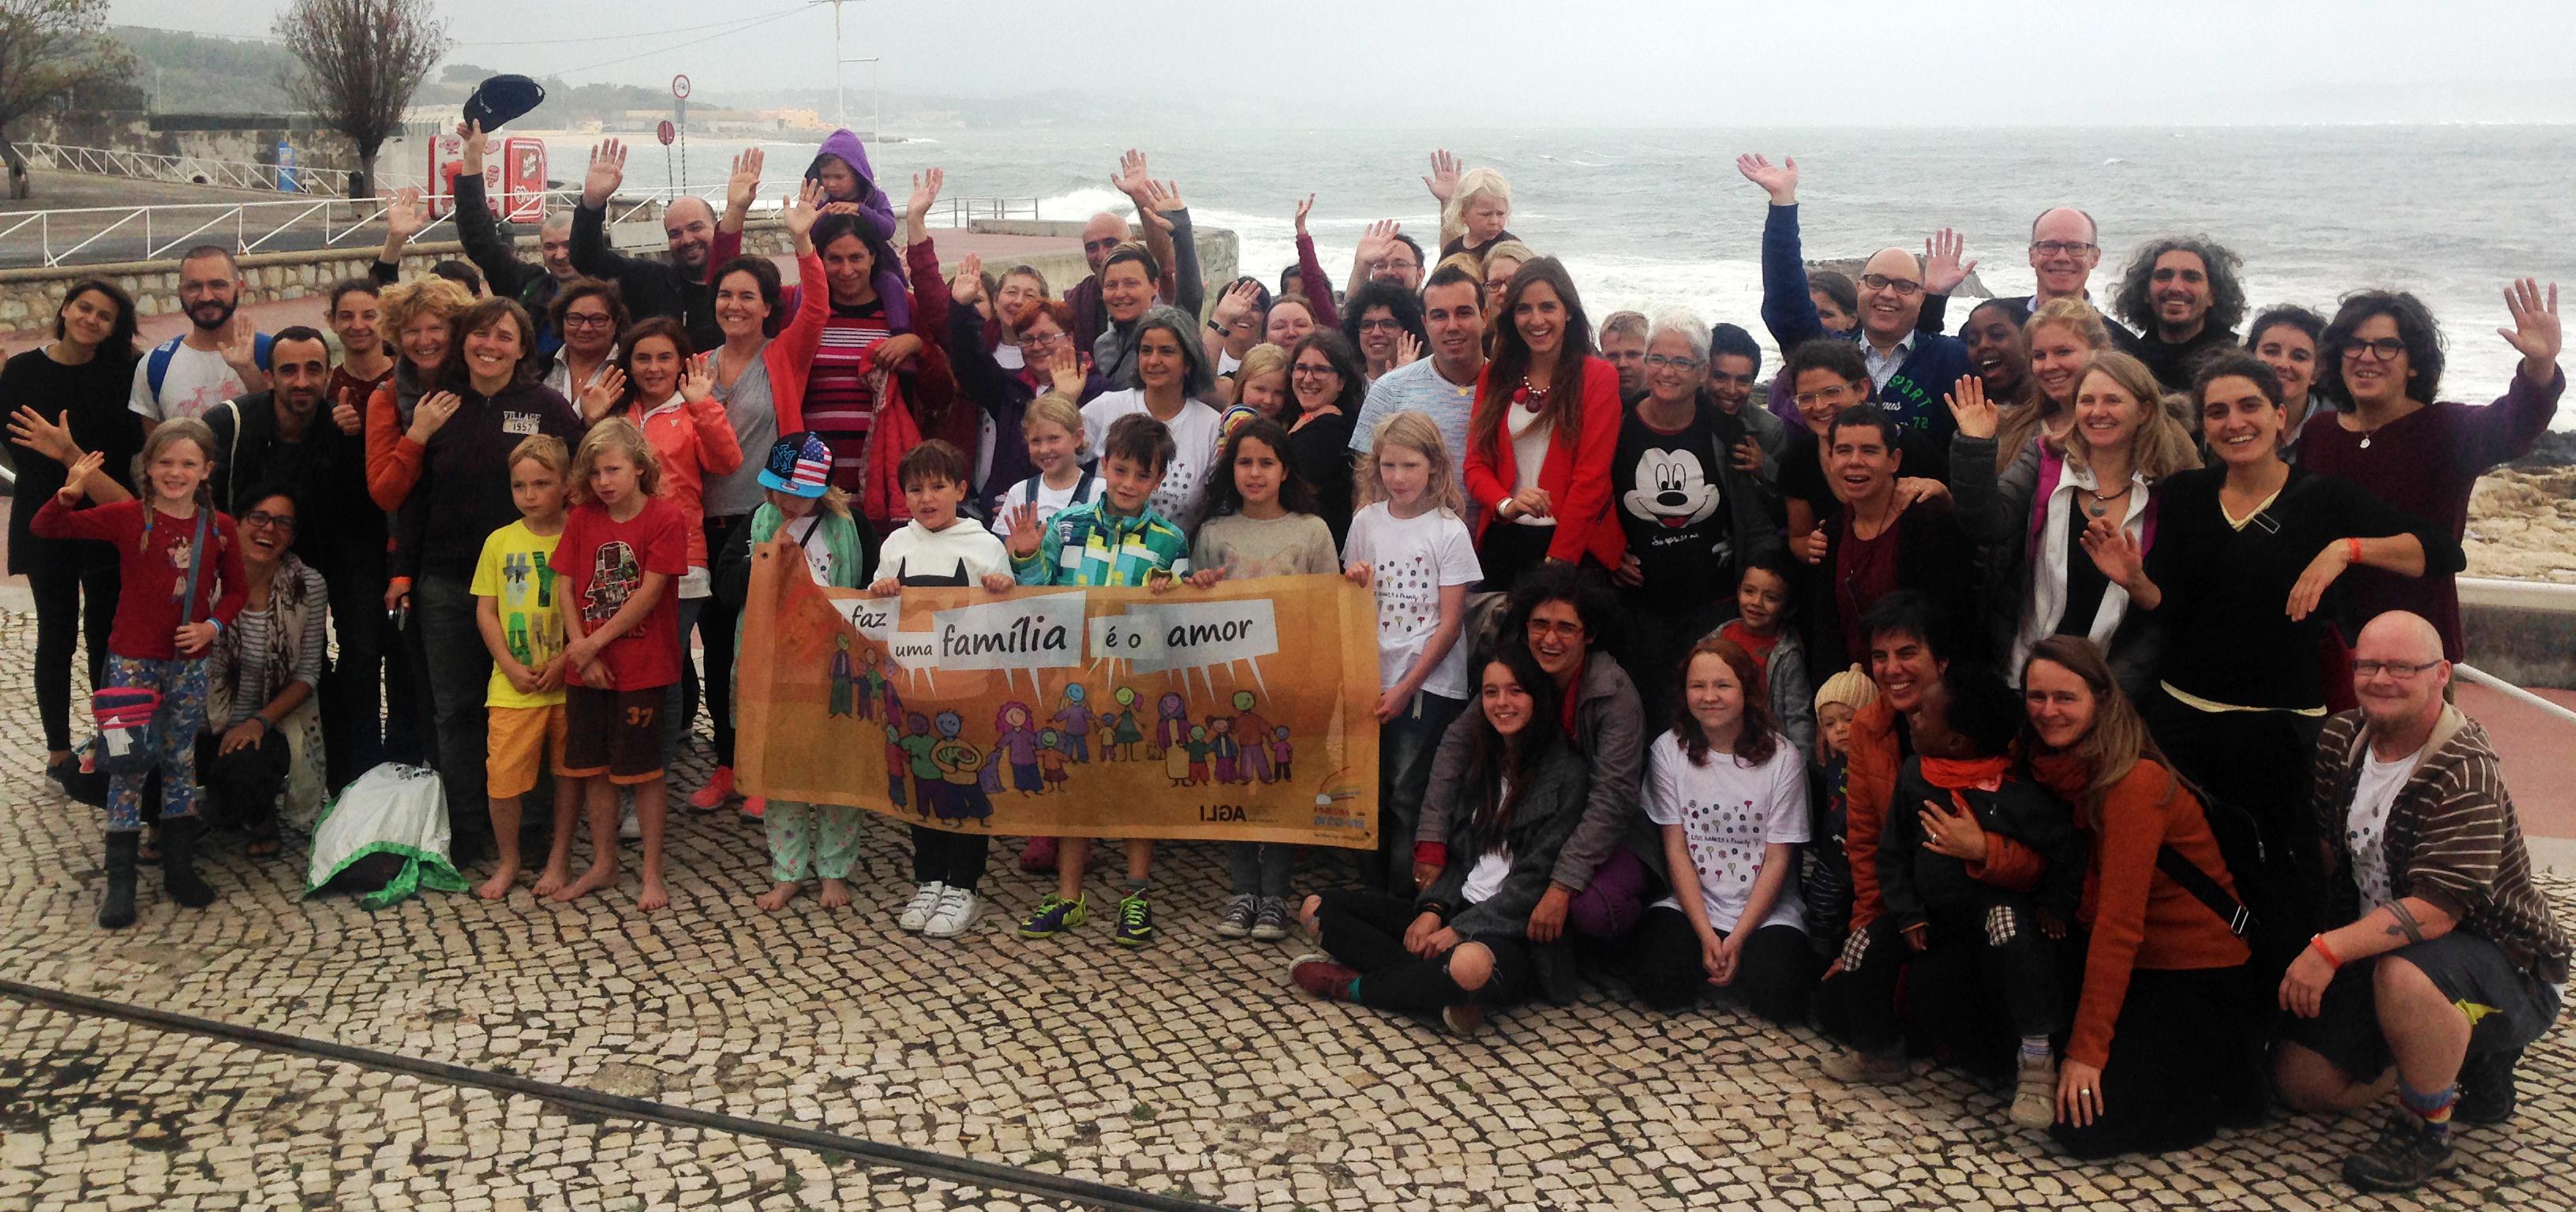 2015_10_NELFA Konferenz_Portugal_Gruppenphoto